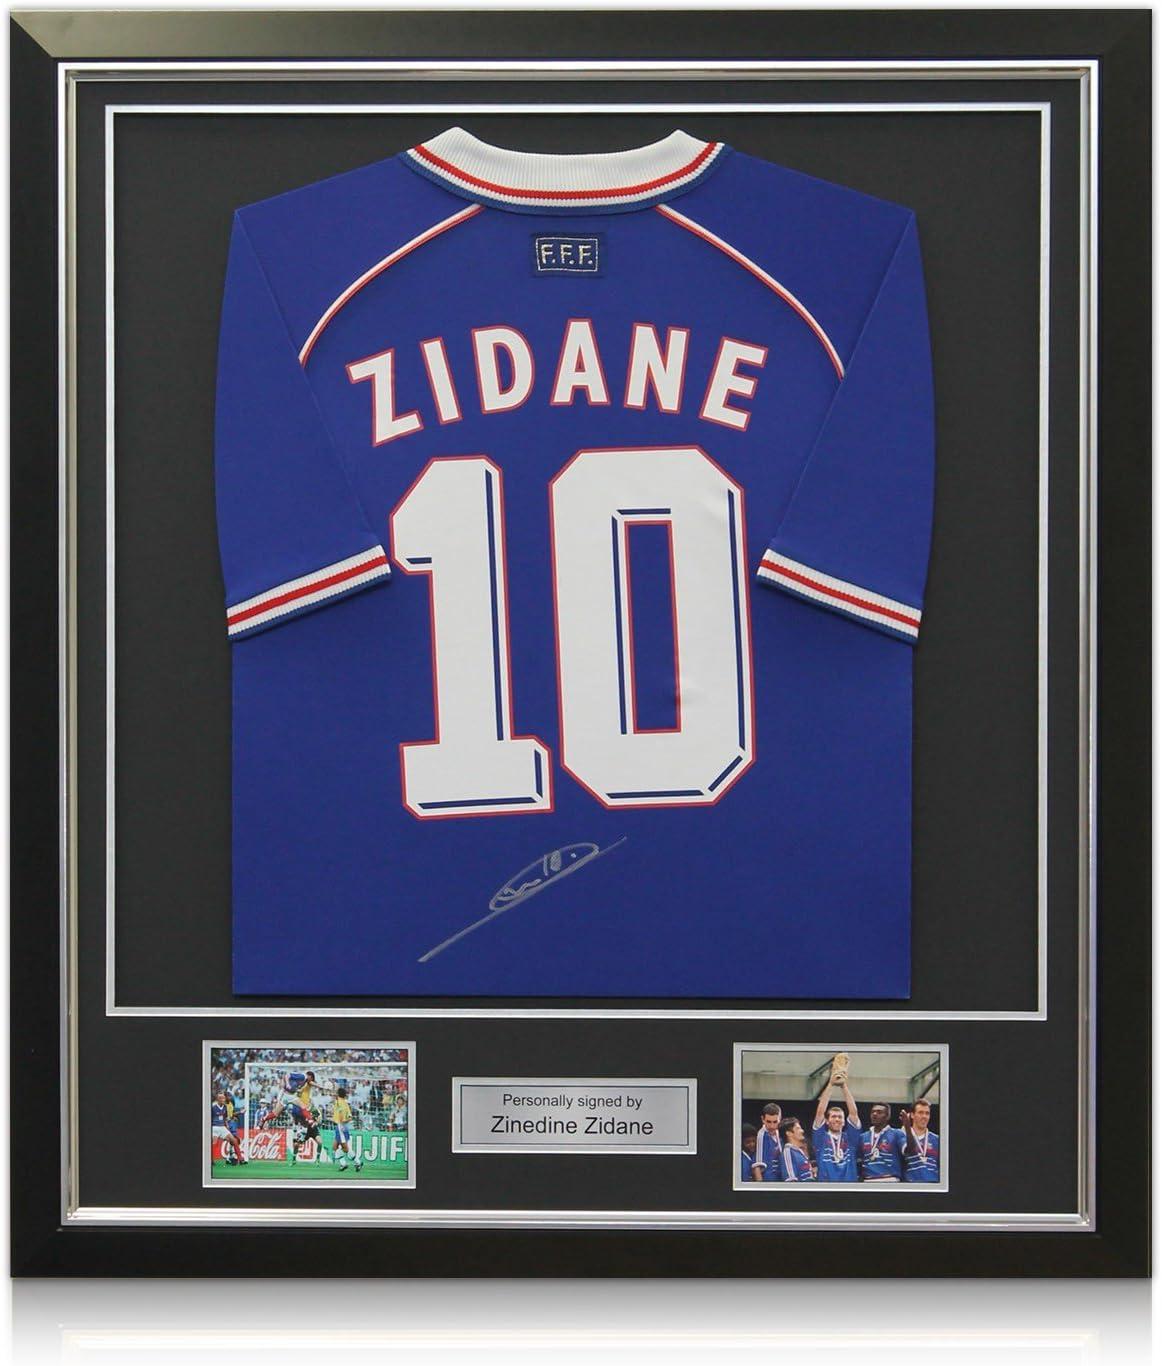 exclusivememorabilia.com Deluxe Enmarcado Firmado Zinedine Zidane ...